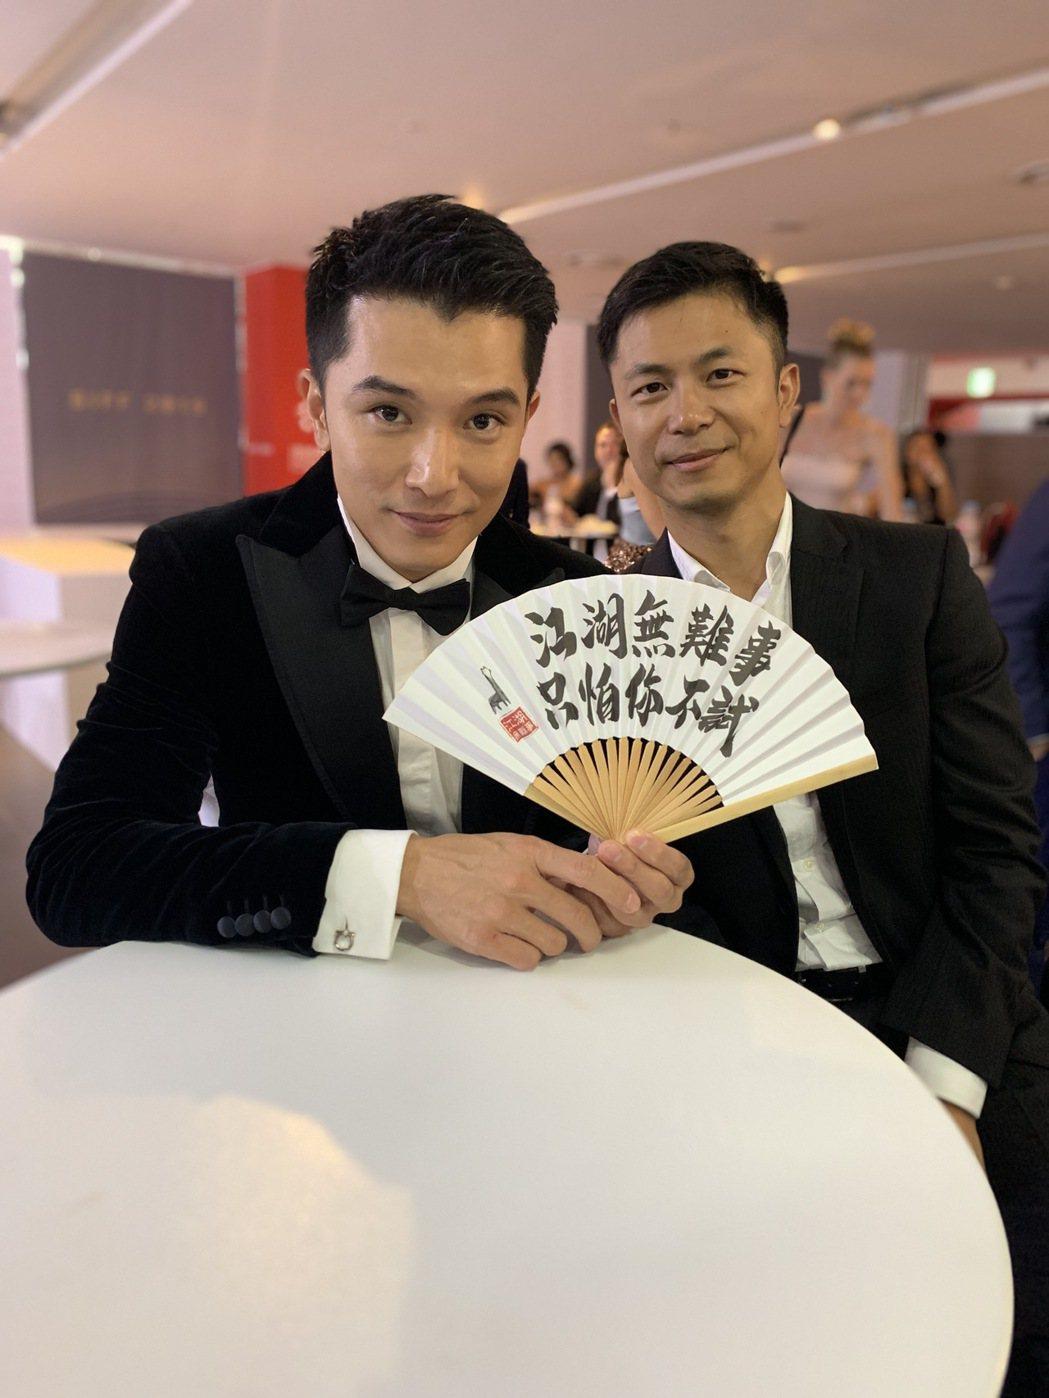 邱澤和導演高炳權出席釜山影展。圖/華映提供